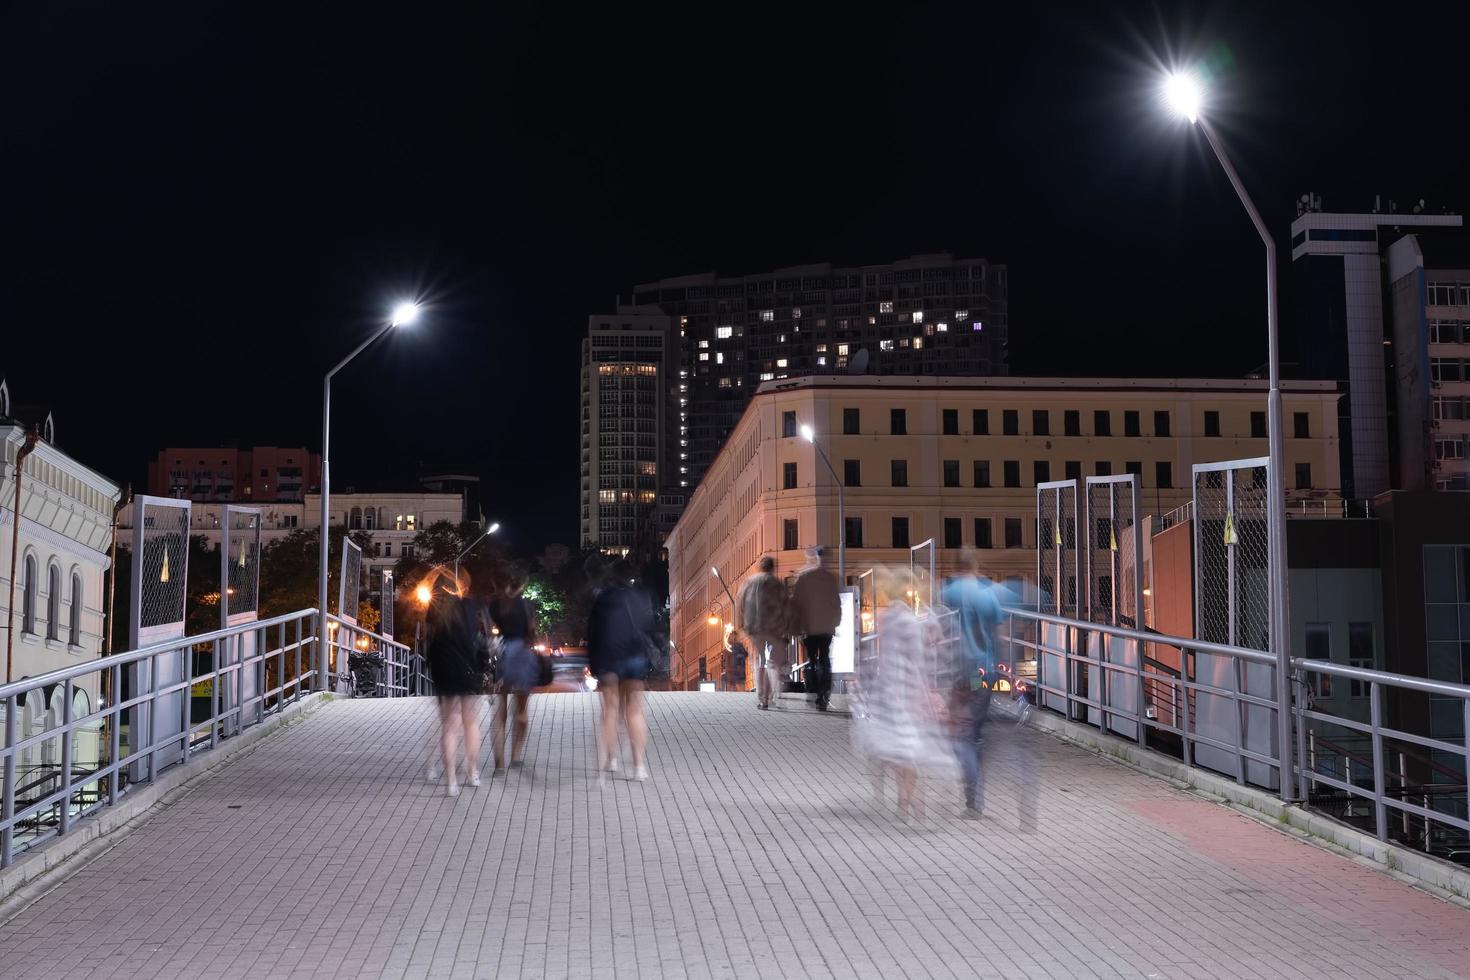 paesaggio notturno con persone sul ponte della stazione ferroviaria. foto